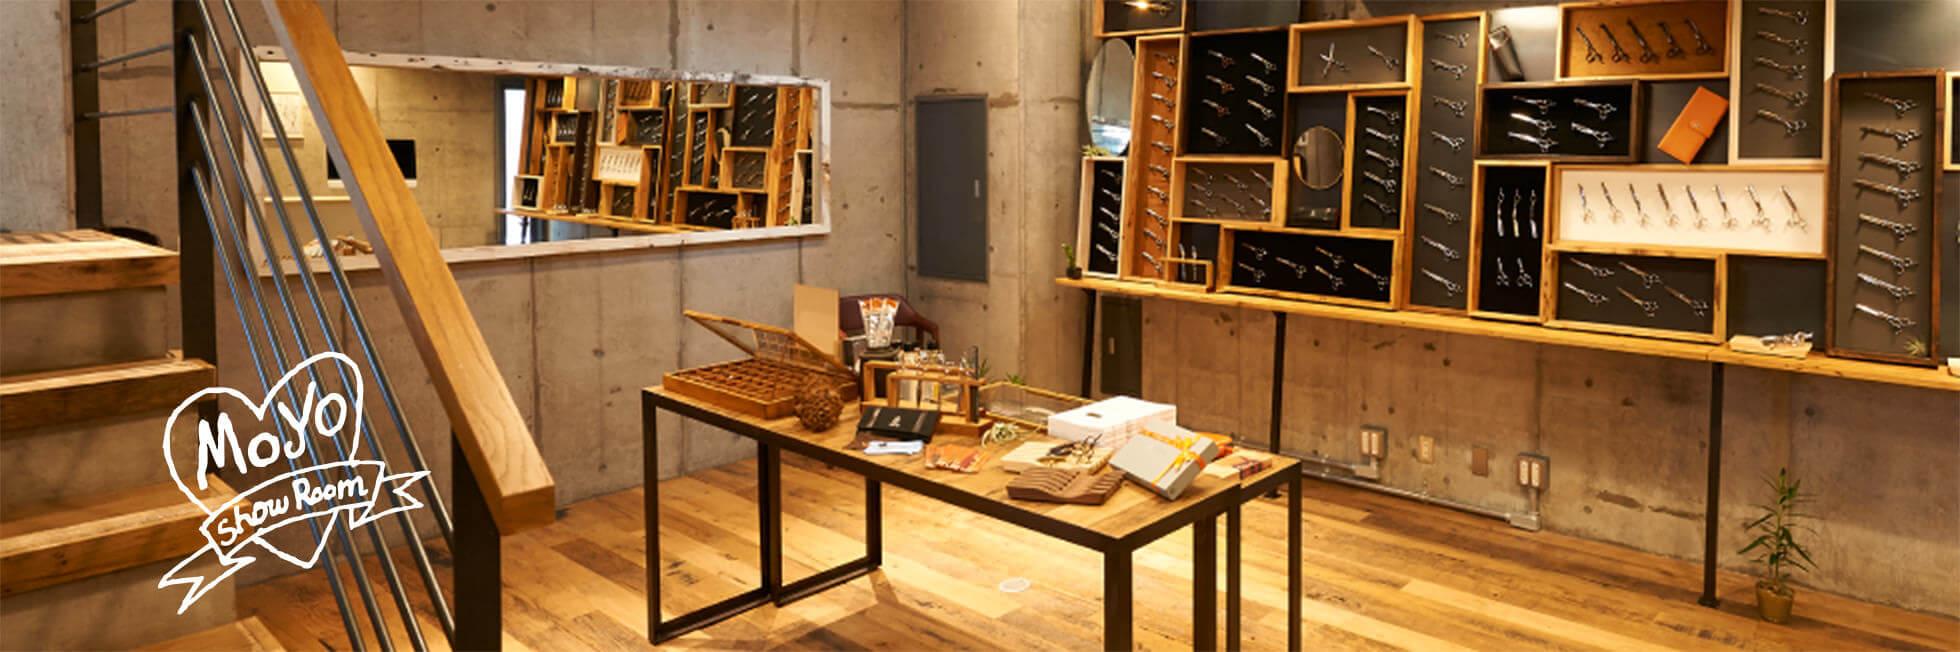 MOYO浅草总店 展示厅